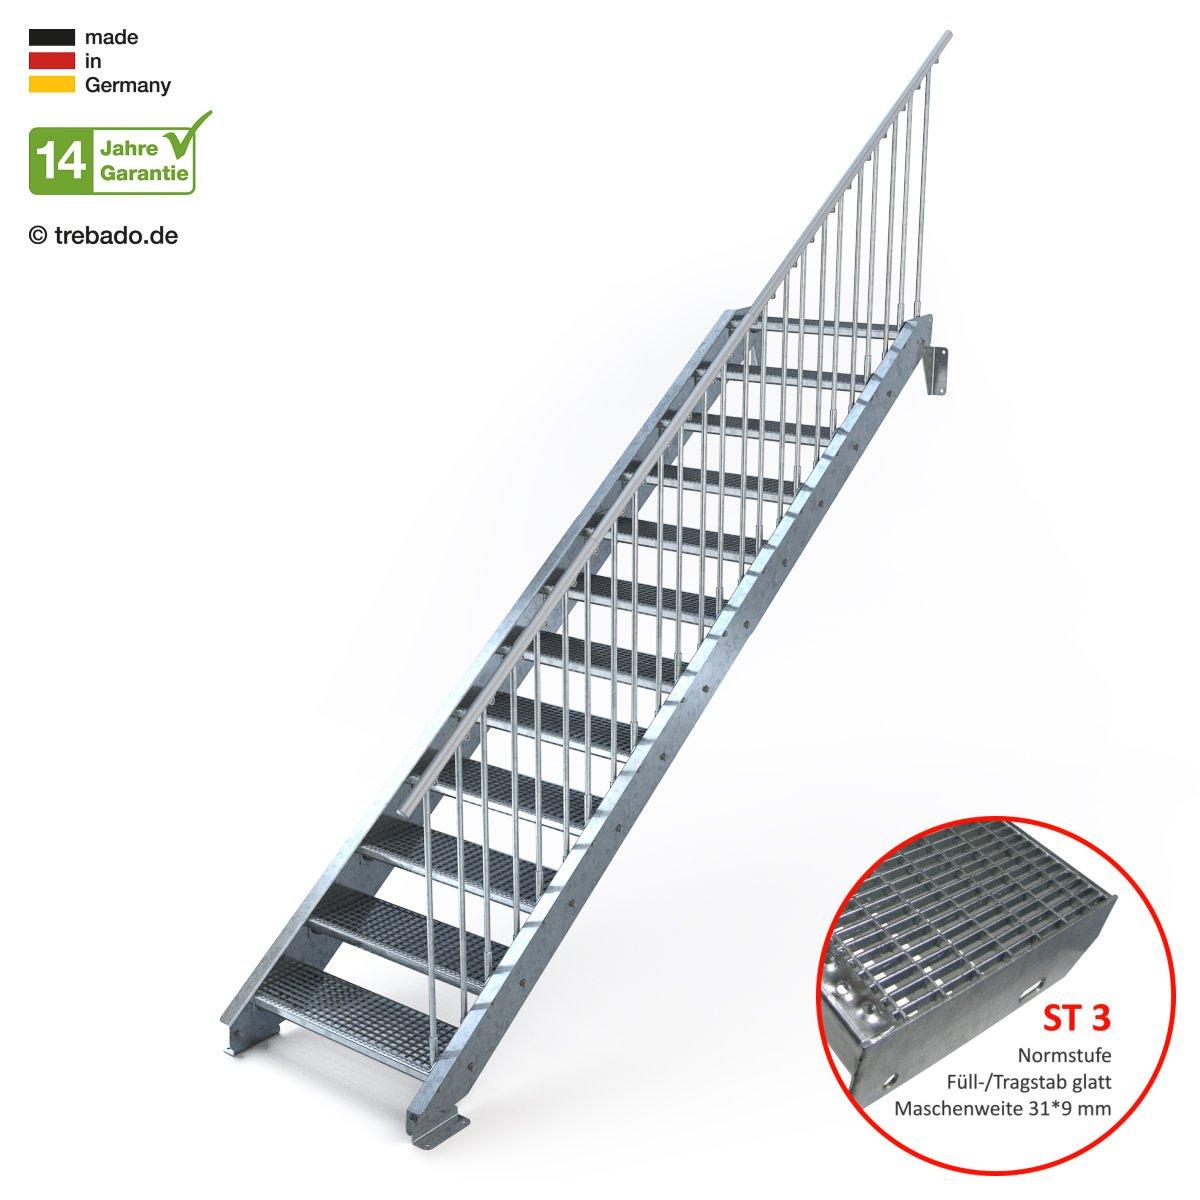 Gitterroststufe ST1 Au/ßentreppe 12 Stufen 80 cm Laufbreite Anstellh/öhe variabel von 199 cm bis 240 cm einseitiges Gel/änder rechts feuerverzinkte Stahltreppe mit 800 mm Stufenl/änge als montagefertiger Bausatz